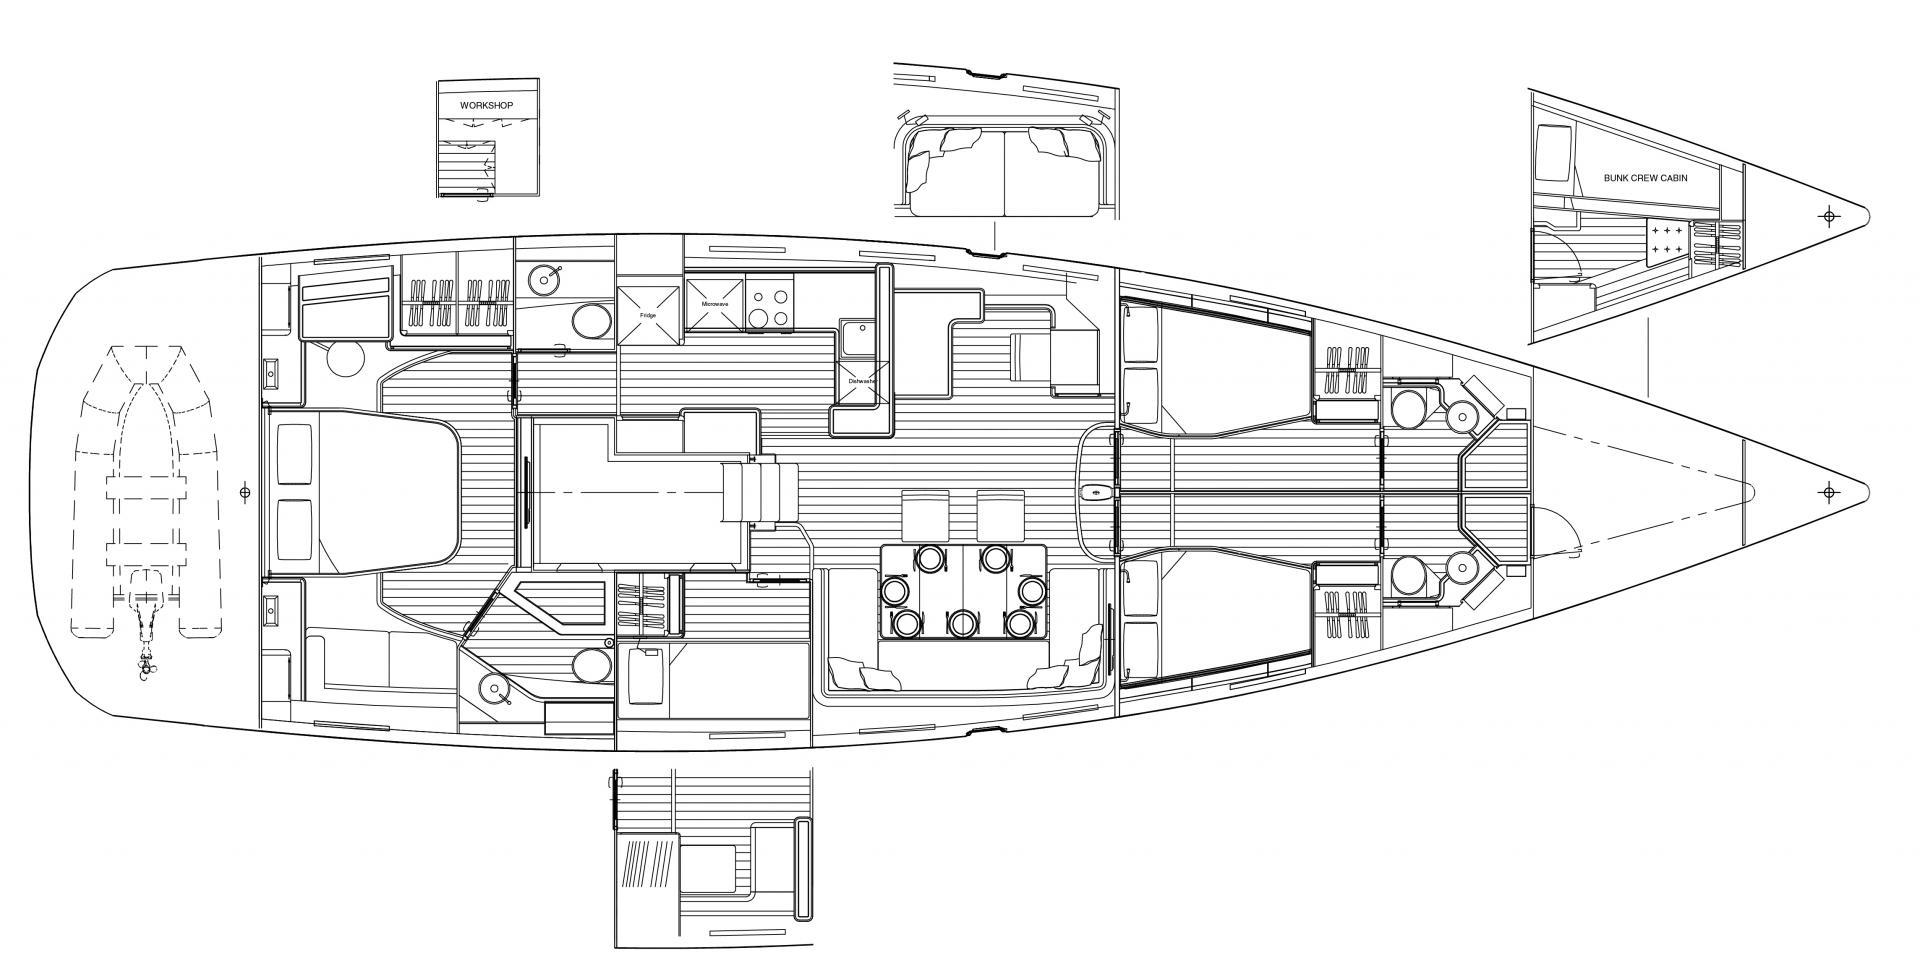 Jeanneau 64 Jeanneau Boats